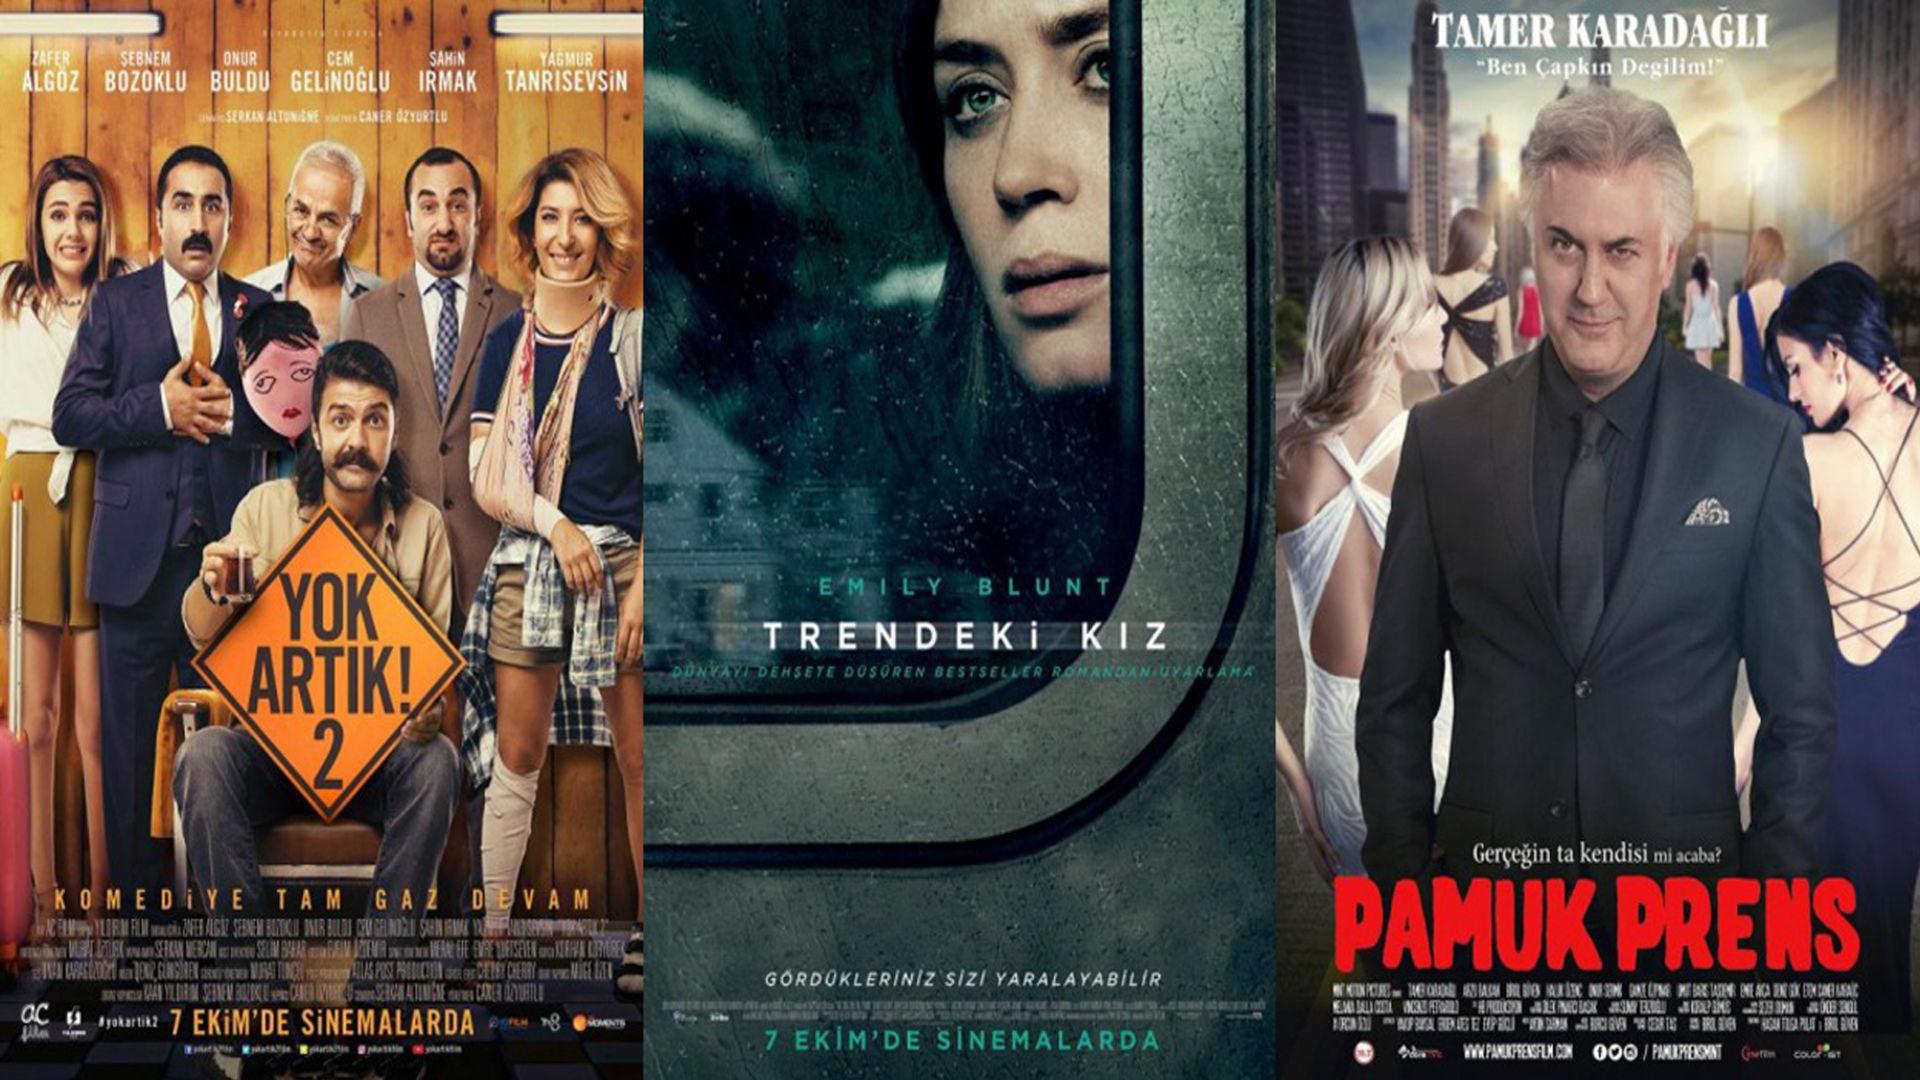 Luke Evans: Filmografi, biyografi, kişisel yaşam